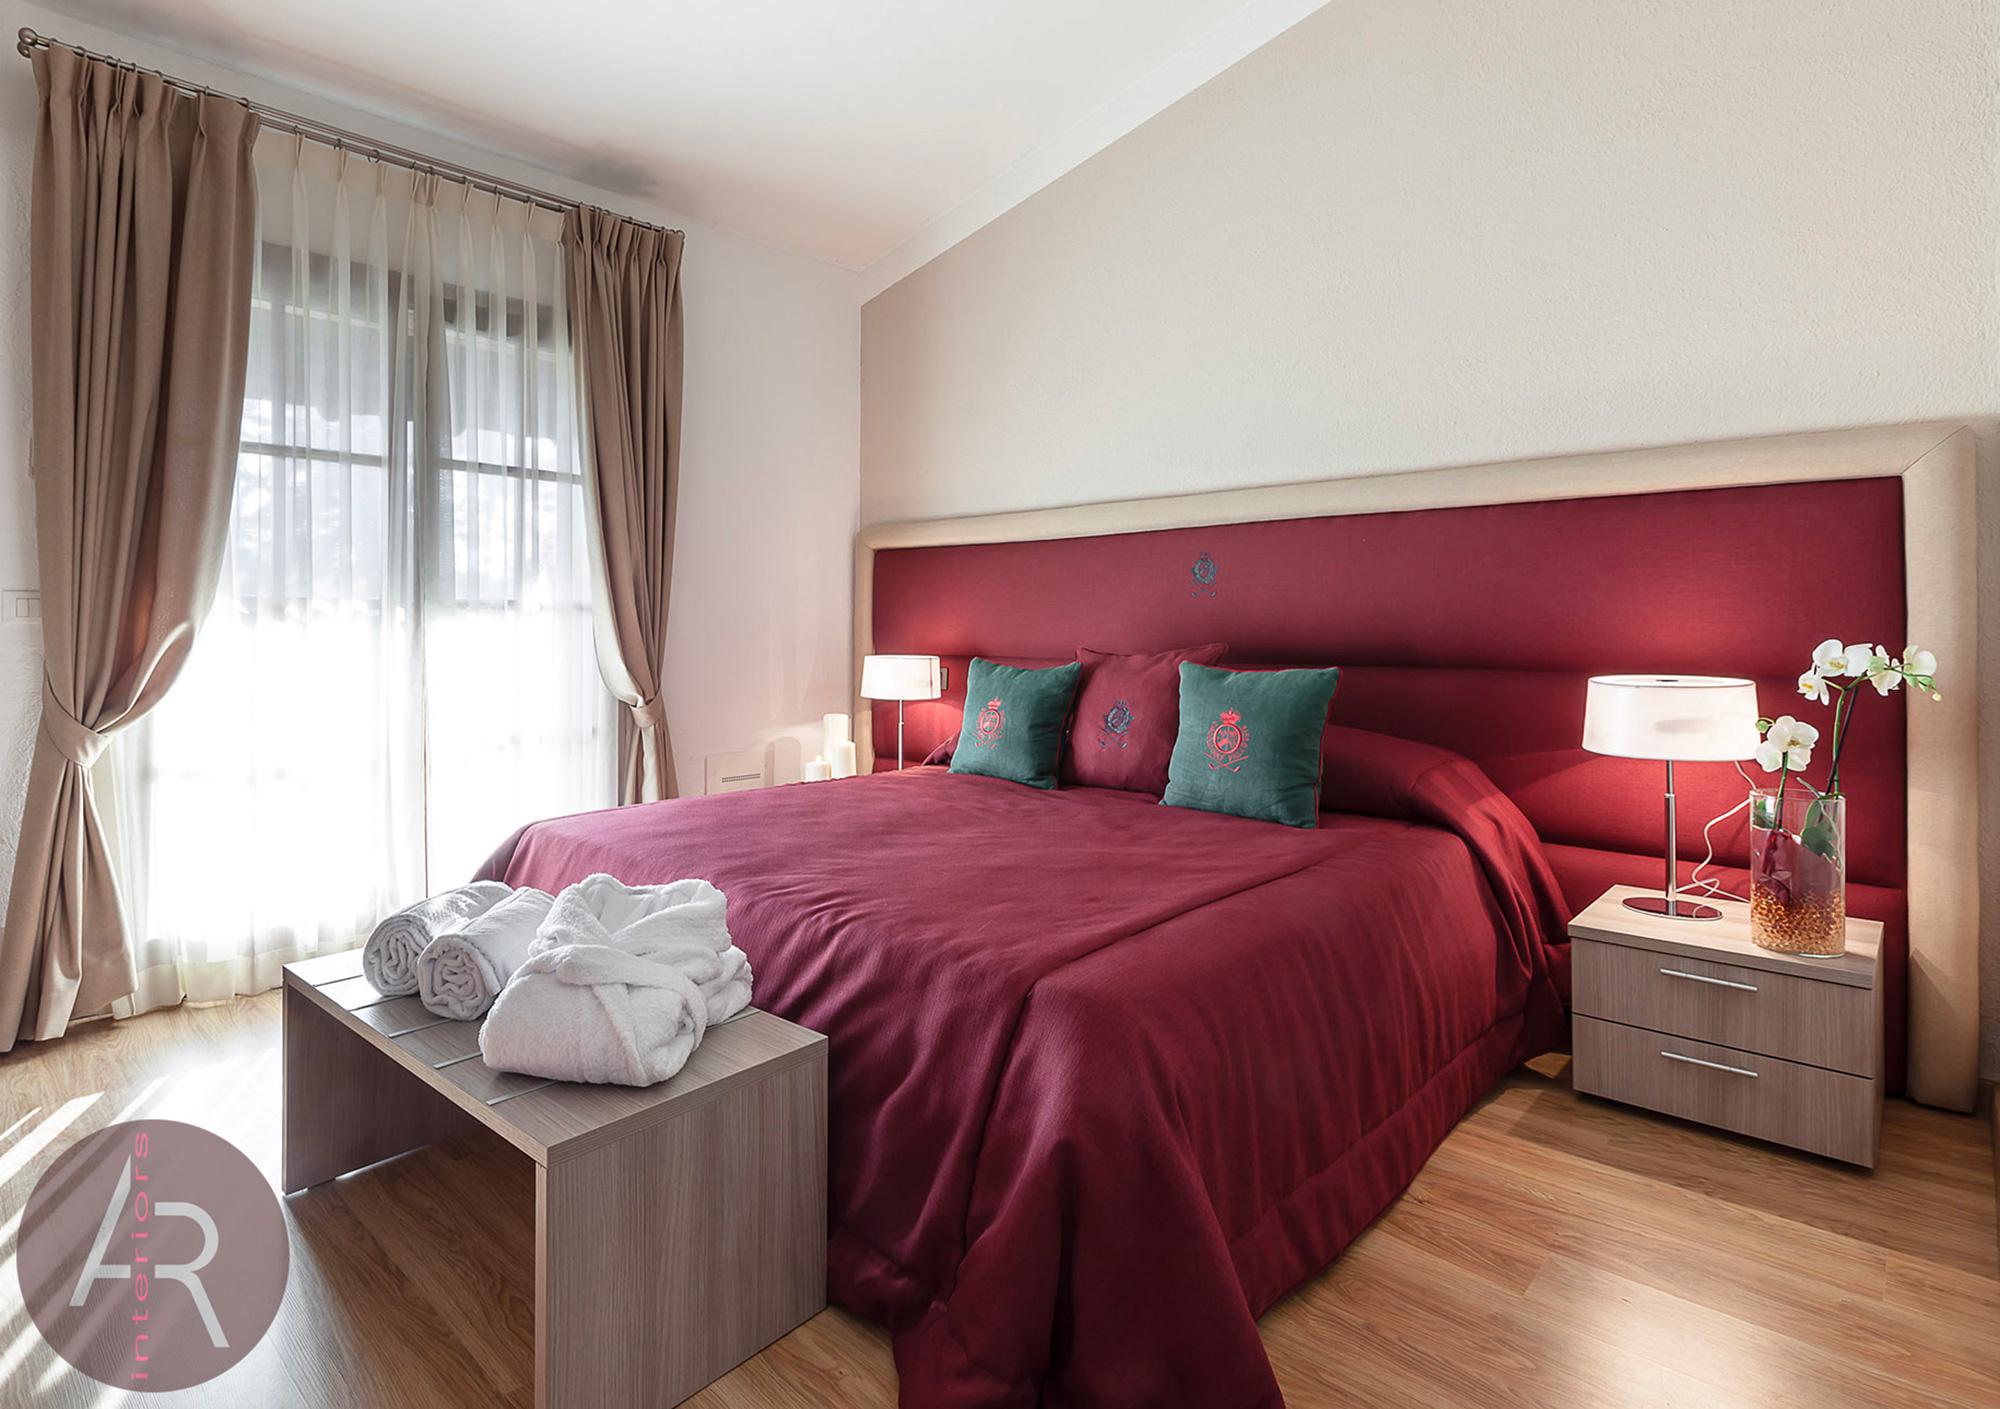 Villa d'Este - camera da letto - Portfolio Andrea Ravasi Interior Designer